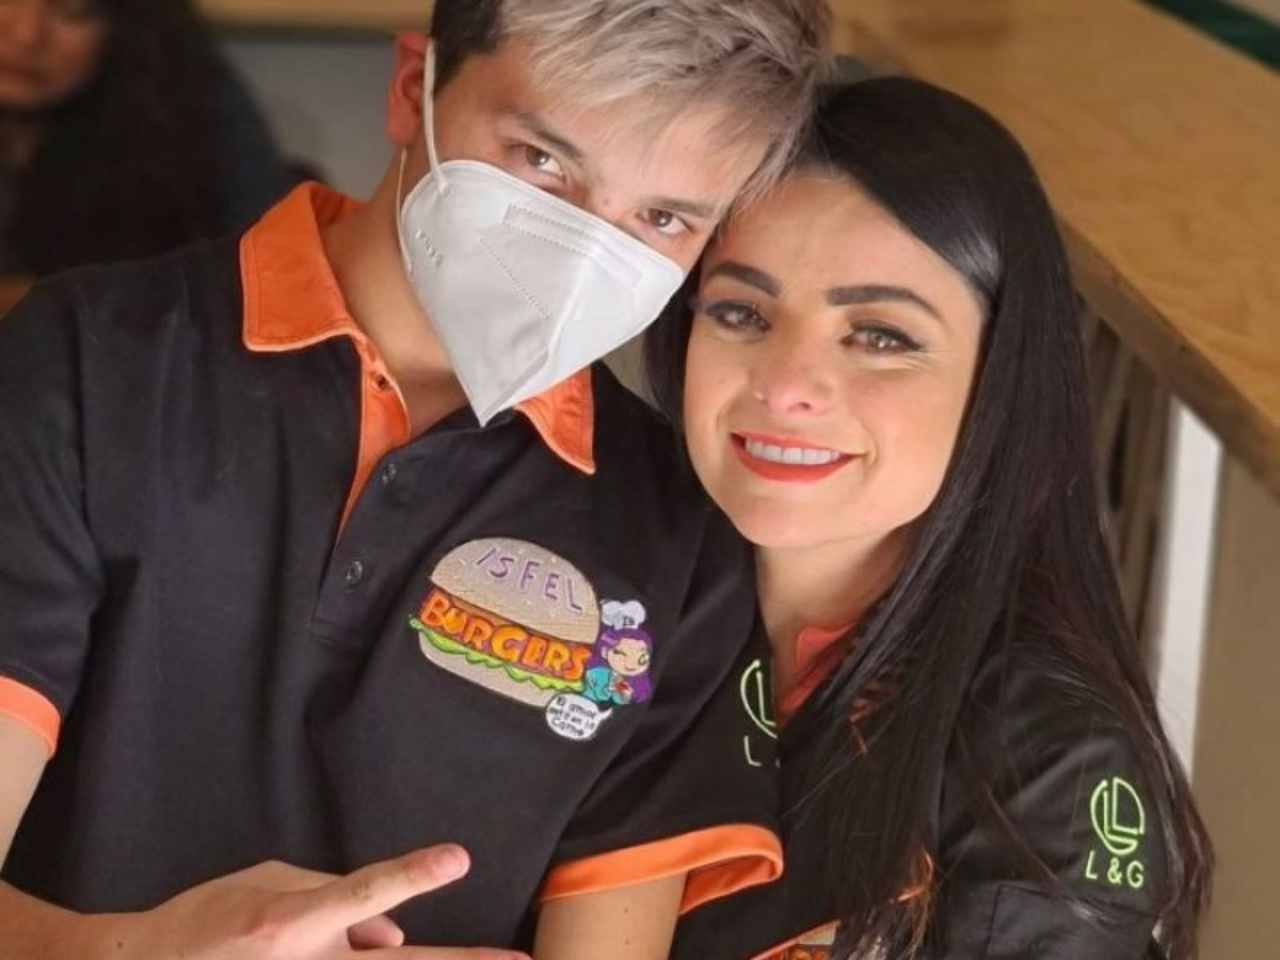 Omar y Violeta en Isfel Burgers